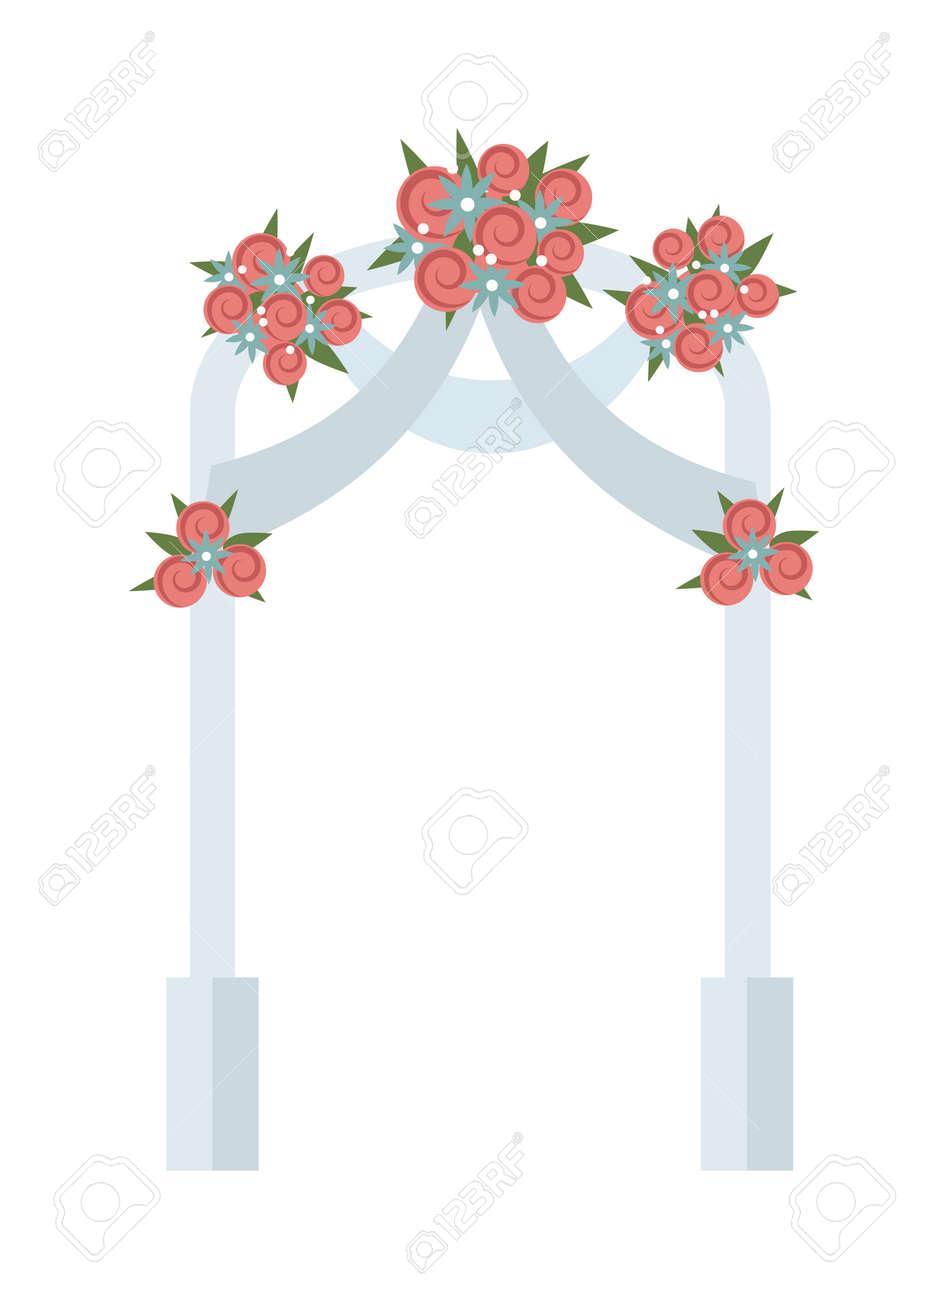 Hochzeit Bogen Mit Rosa Rosen Vektor Wedding Arch Schone Hochzeit